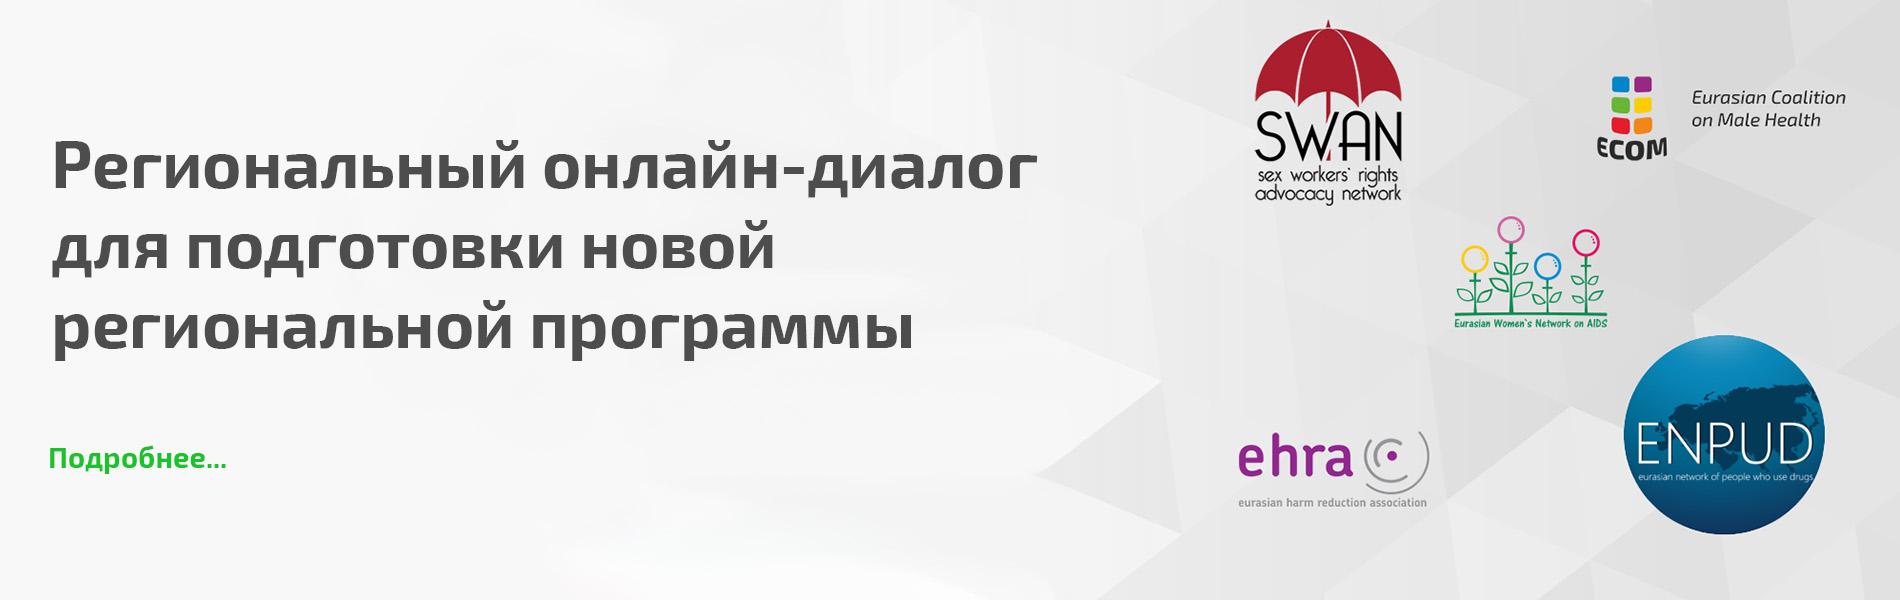 Региональный консорциум сетей сообществ ВЕЦА объявляет о начале Регионального онлайн-диалога для подготовки новой региональной программы